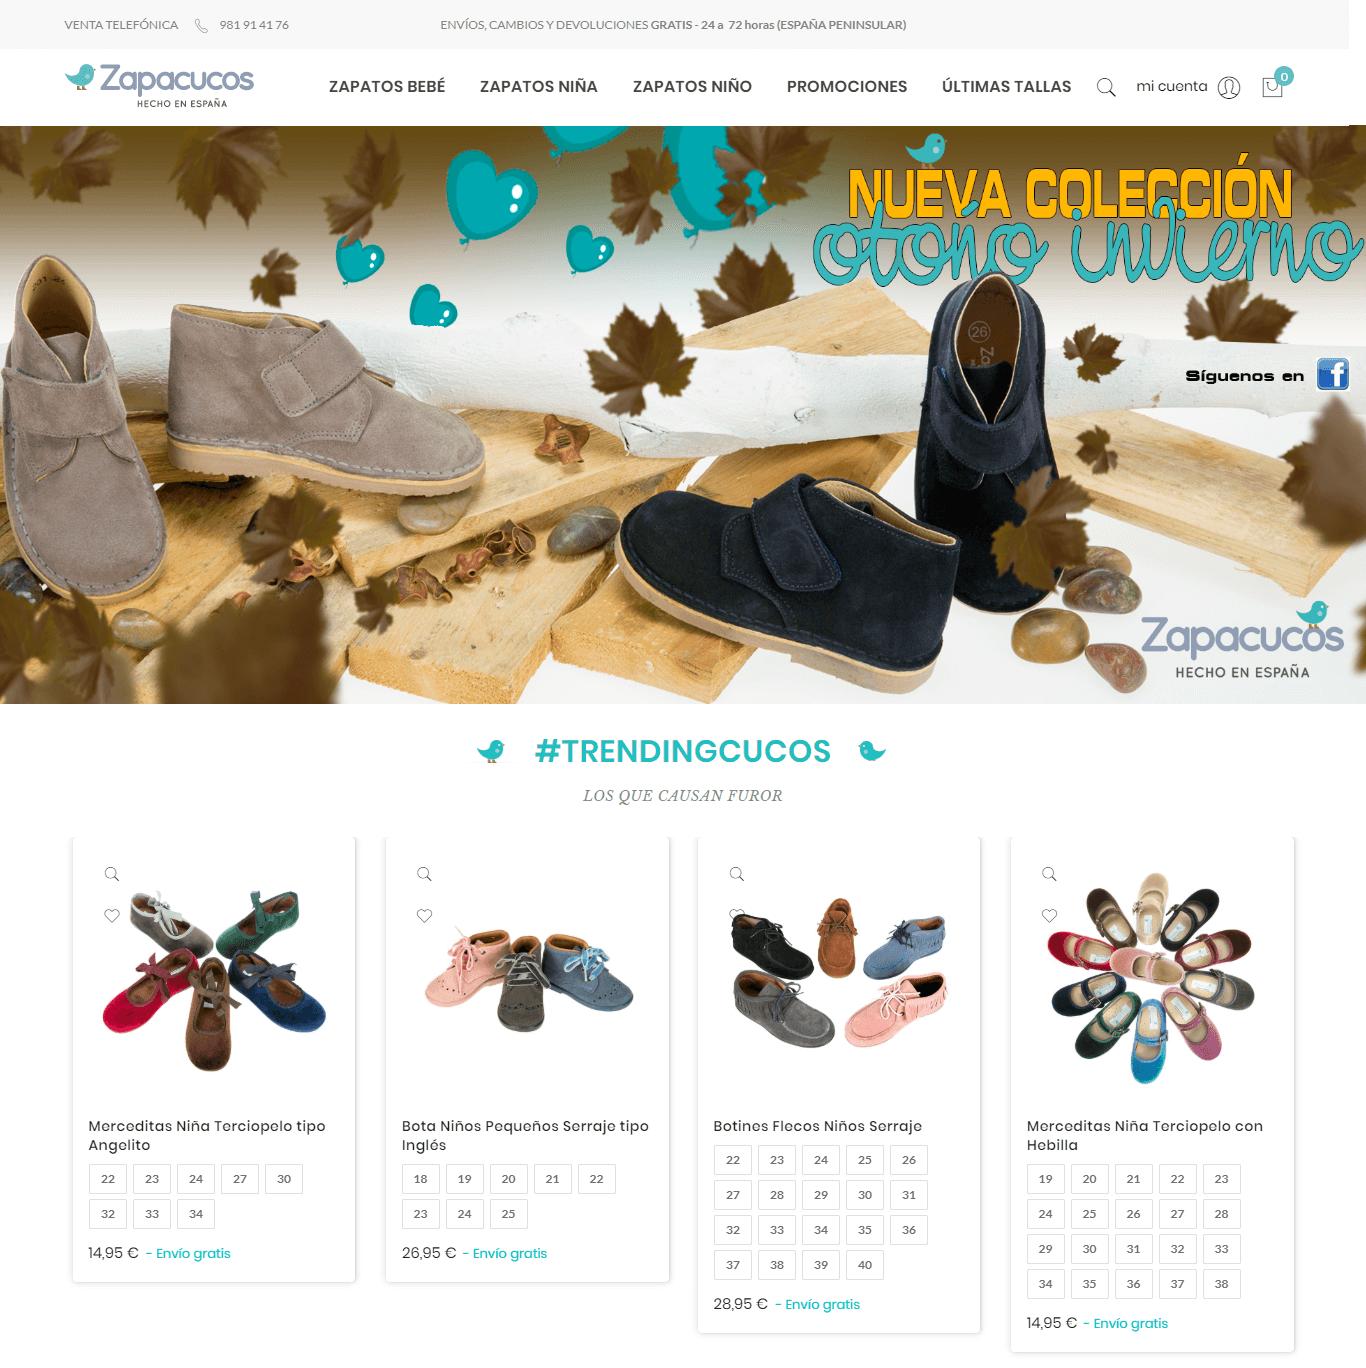 Zapacucos Online Shop